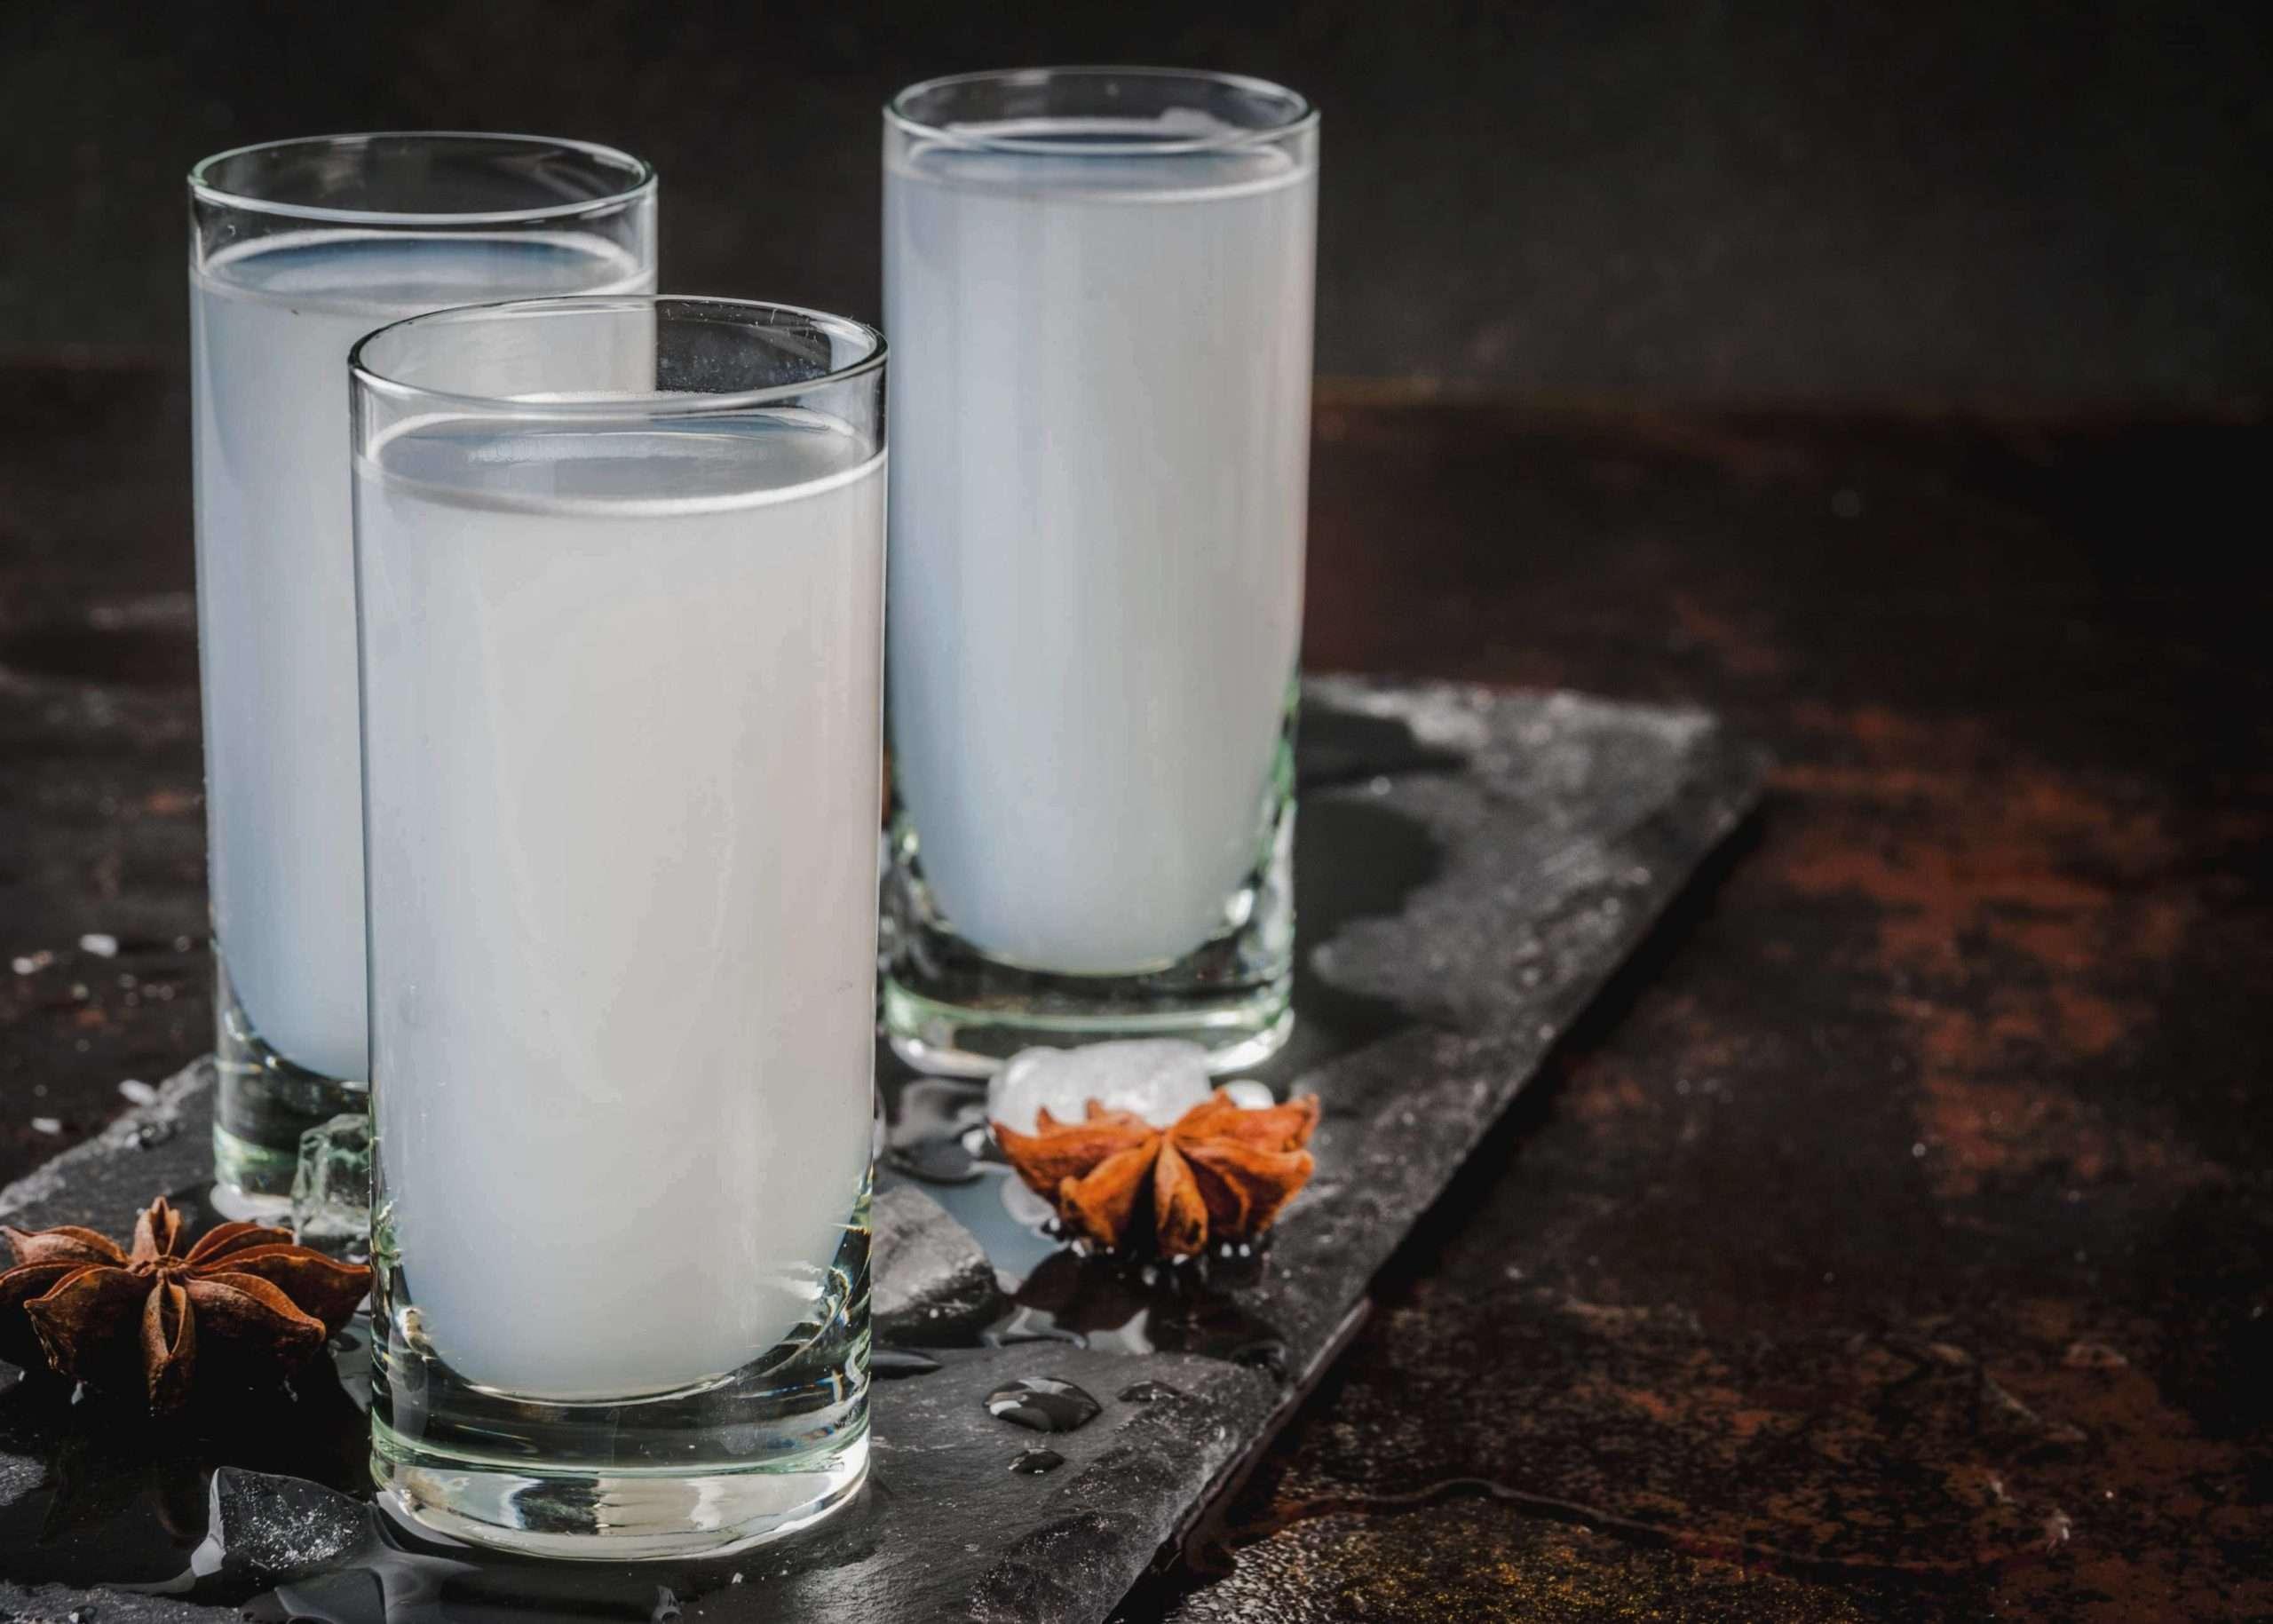 deux verres avec du ouzo grec et d'eau